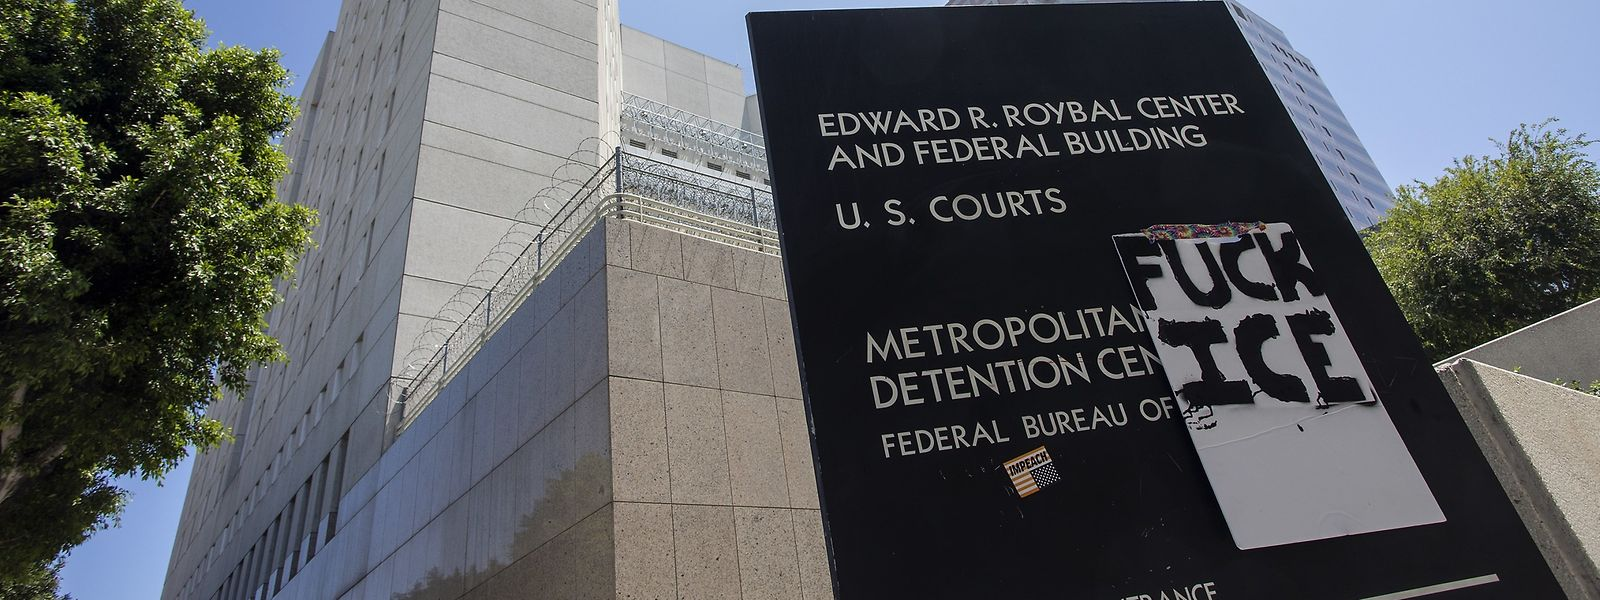 Das Metropolitan Detention Center Gefängnis in Los Angeles wurde mit einem Protestschild überklebt. Das United States Immigration and Customs Enforcement (ICE) ist eine Polizei- und Zollbehörde des Ministeriums für Innere Sicherheit.